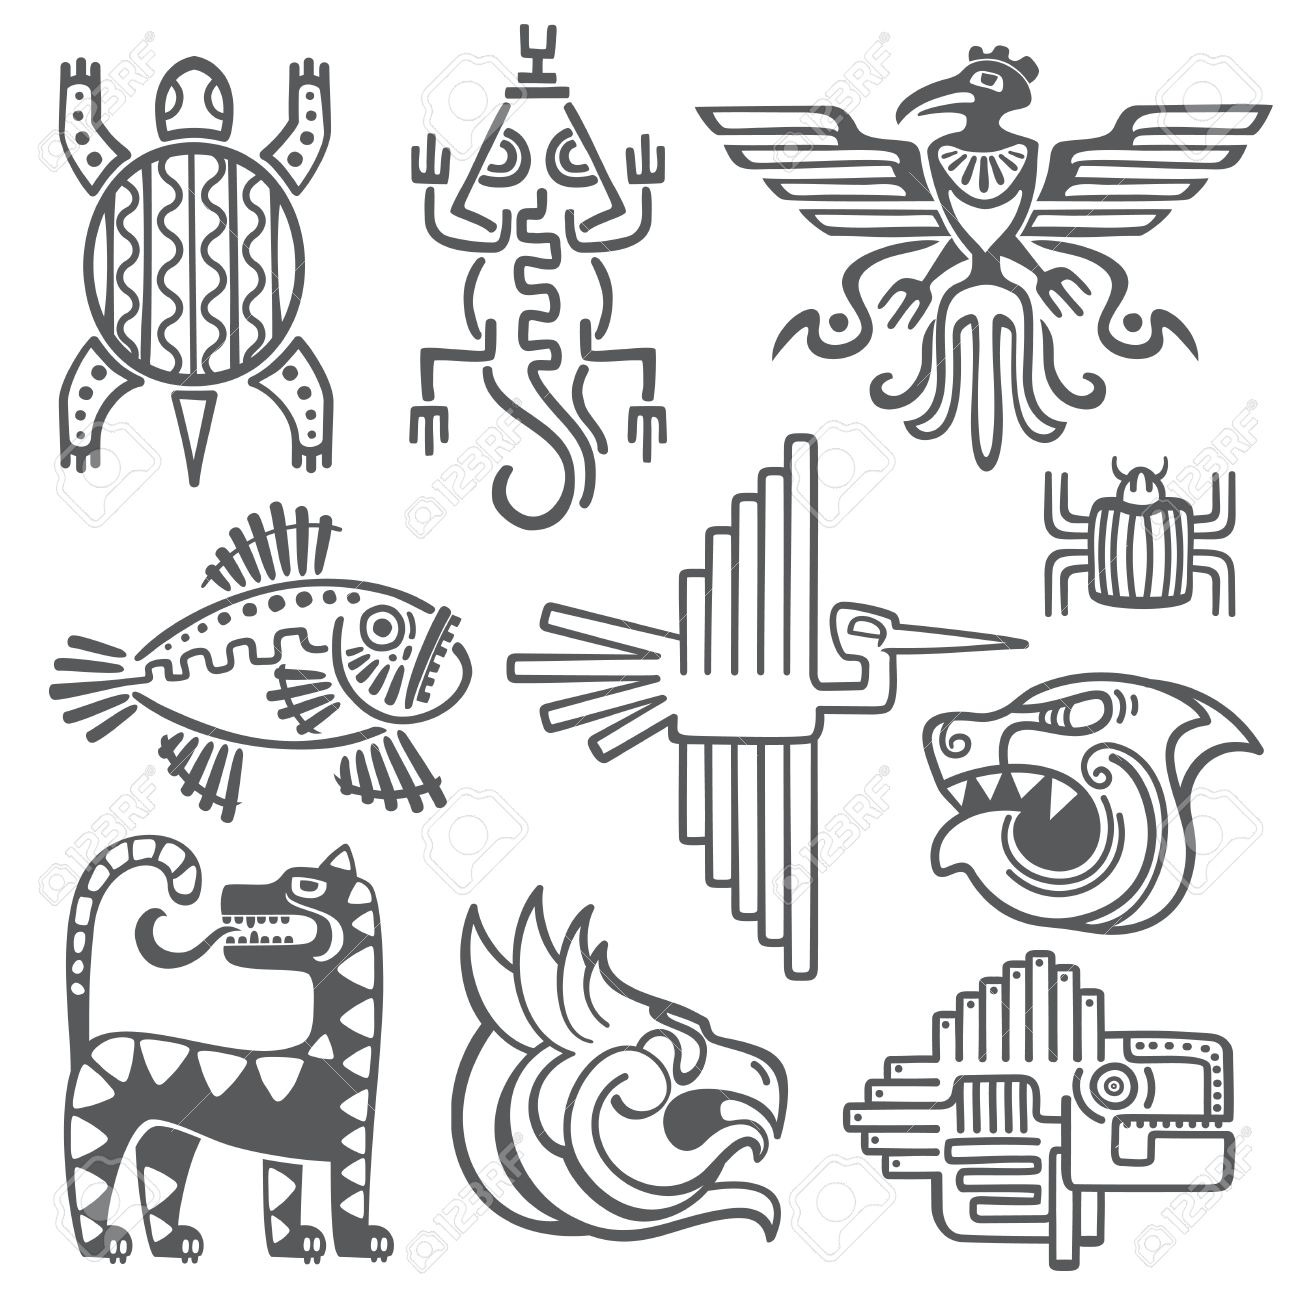 Calendrier Maya Signe.Aztec Historique Symboles De Vecteur Incas Motif Temple Maya Des Signes De La Culture Amerindienne Tatouage Anciennes Tribus Sous Forme De Resume